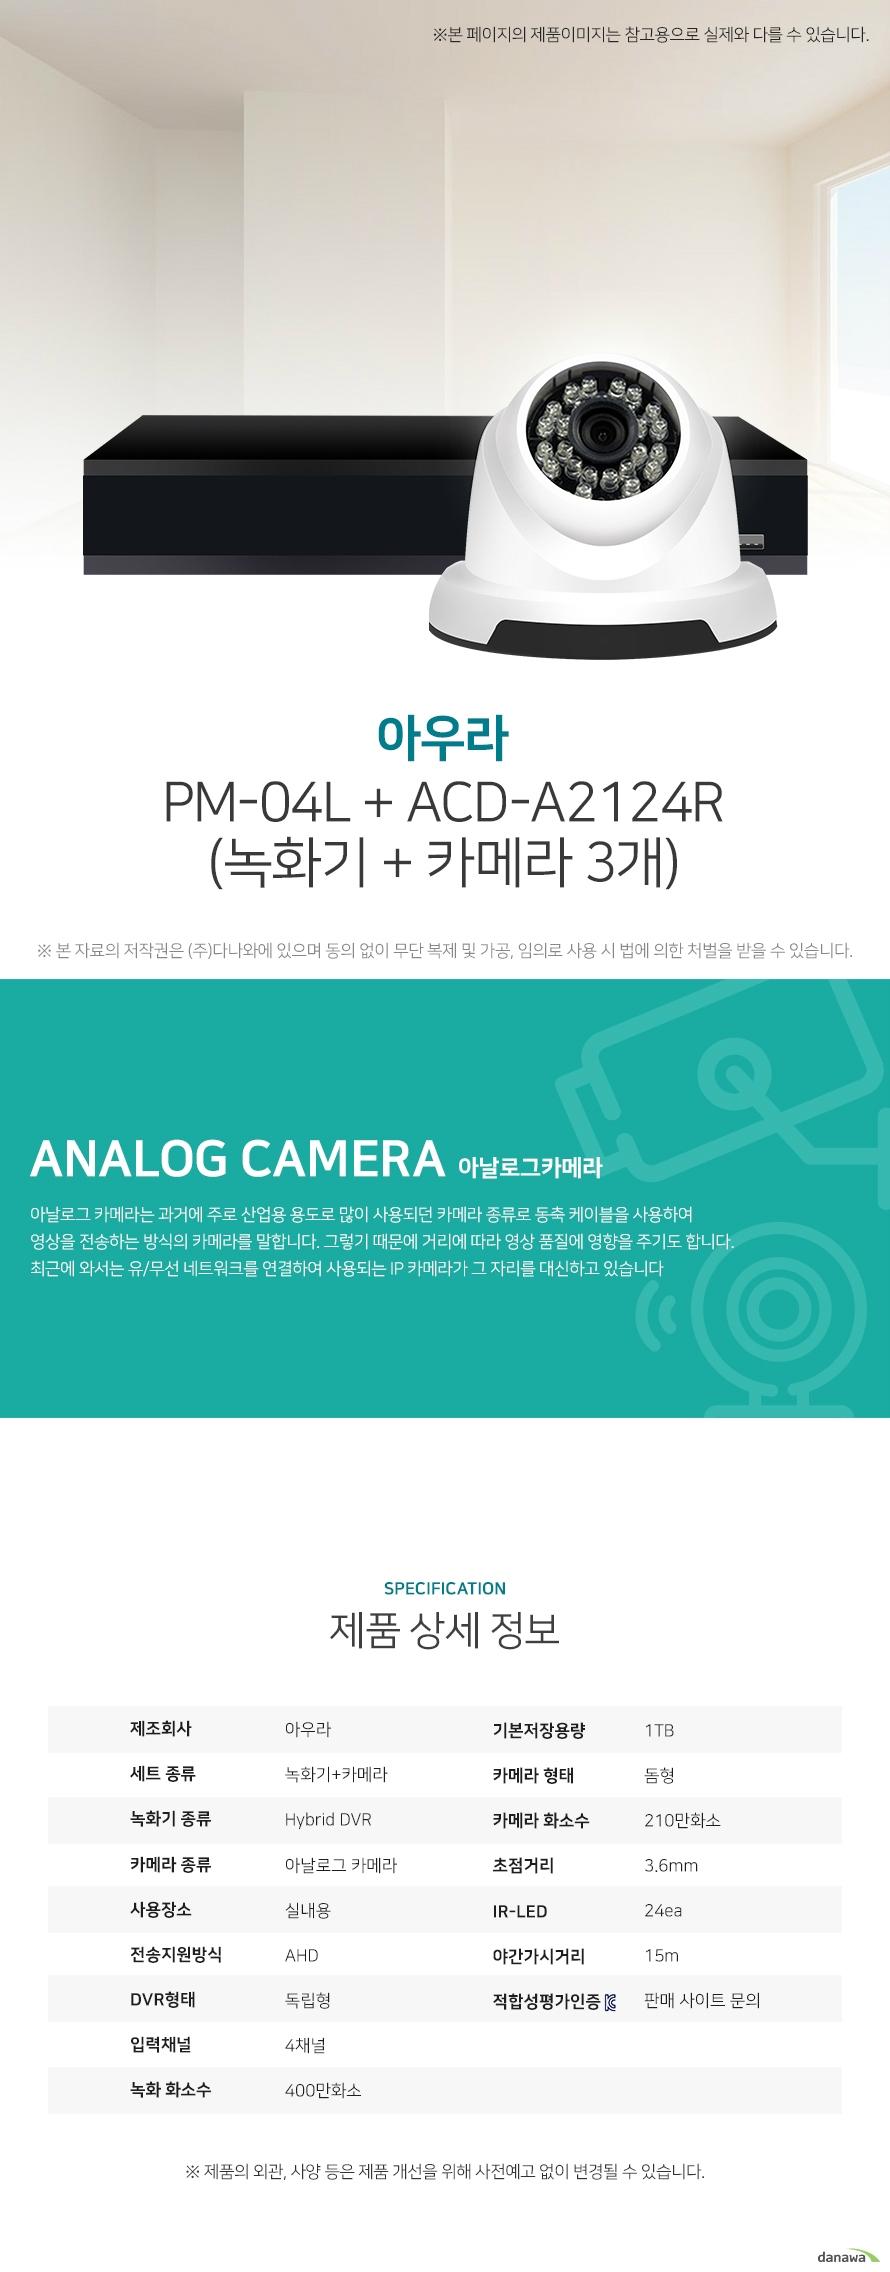 아우라 PM-04L + ACD-A2124R (녹화기 + 카메라 3개) 상세 스펙  [세트구성] 녹화기+카메라 / Hybrid DVR / 아날로그 카메라 / 실내용 / AHD / [녹화기] 독립형 / 4채널 / 400만화소 / 기본저장용량: 1TB / 압축방식: H.264 / [카메라] 돔형 / 210만화소 / 초점거리: 3.6mm / IR-LED: 24ea / 야간가시거리: 15m / 동작감지 / 야간(주간)자동전환 / 역광보정 / 자동화이트밸런스 / 적외선LED